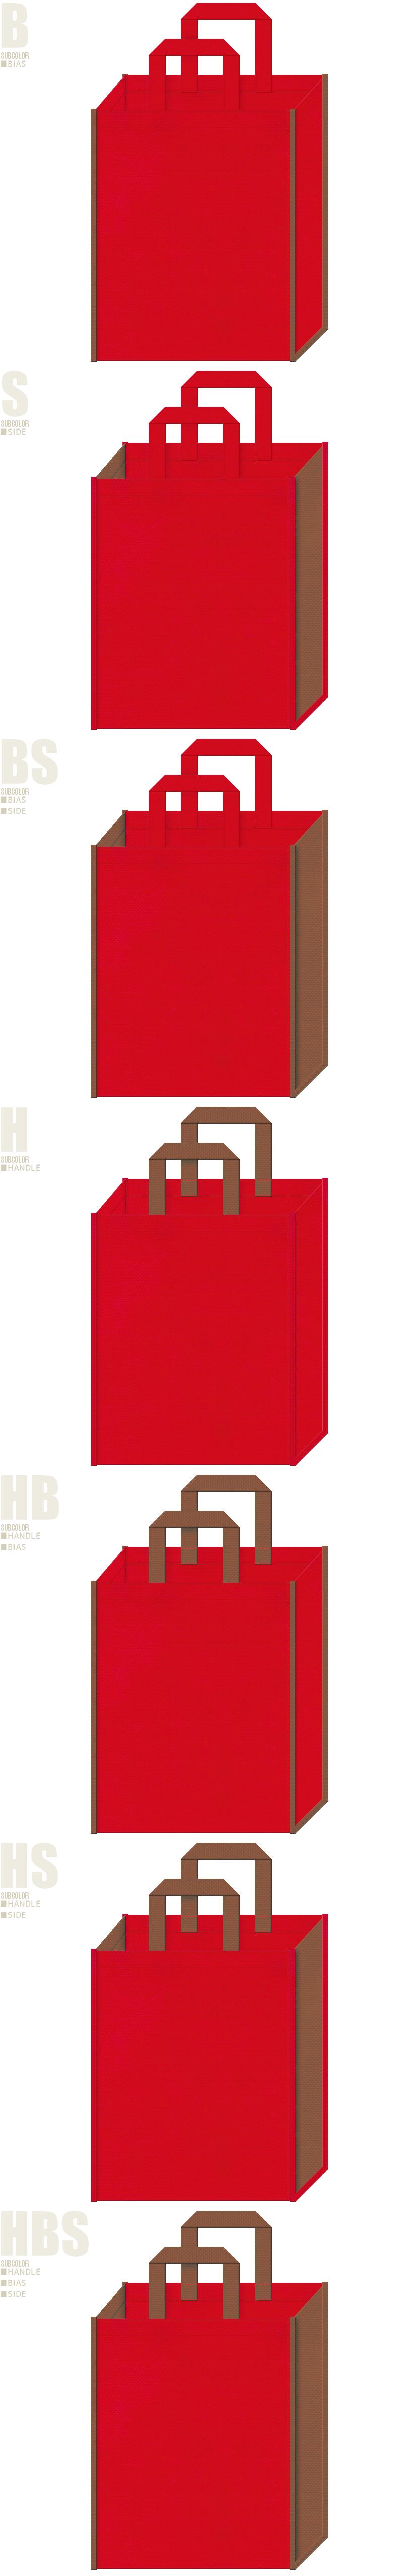 不織布トートバッグのデザイン:不織布カラーNo.35ワインレッドとNo.7コーヒーブラウンの組み合わせ